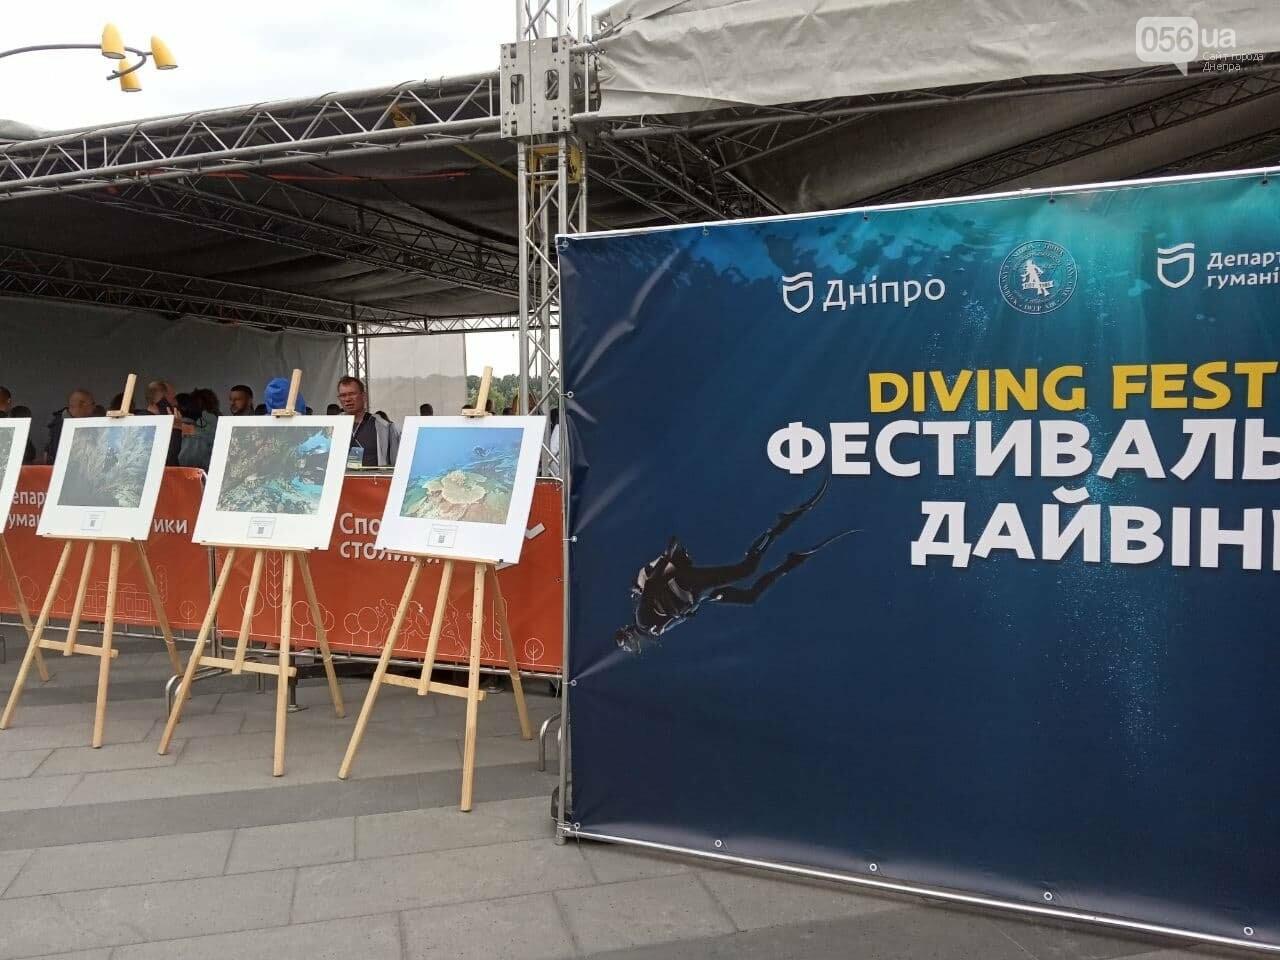 В Днепре провели первый в Украине Международный фестиваль дайвинга, - ФОТО, ВИДЕО, фото-14